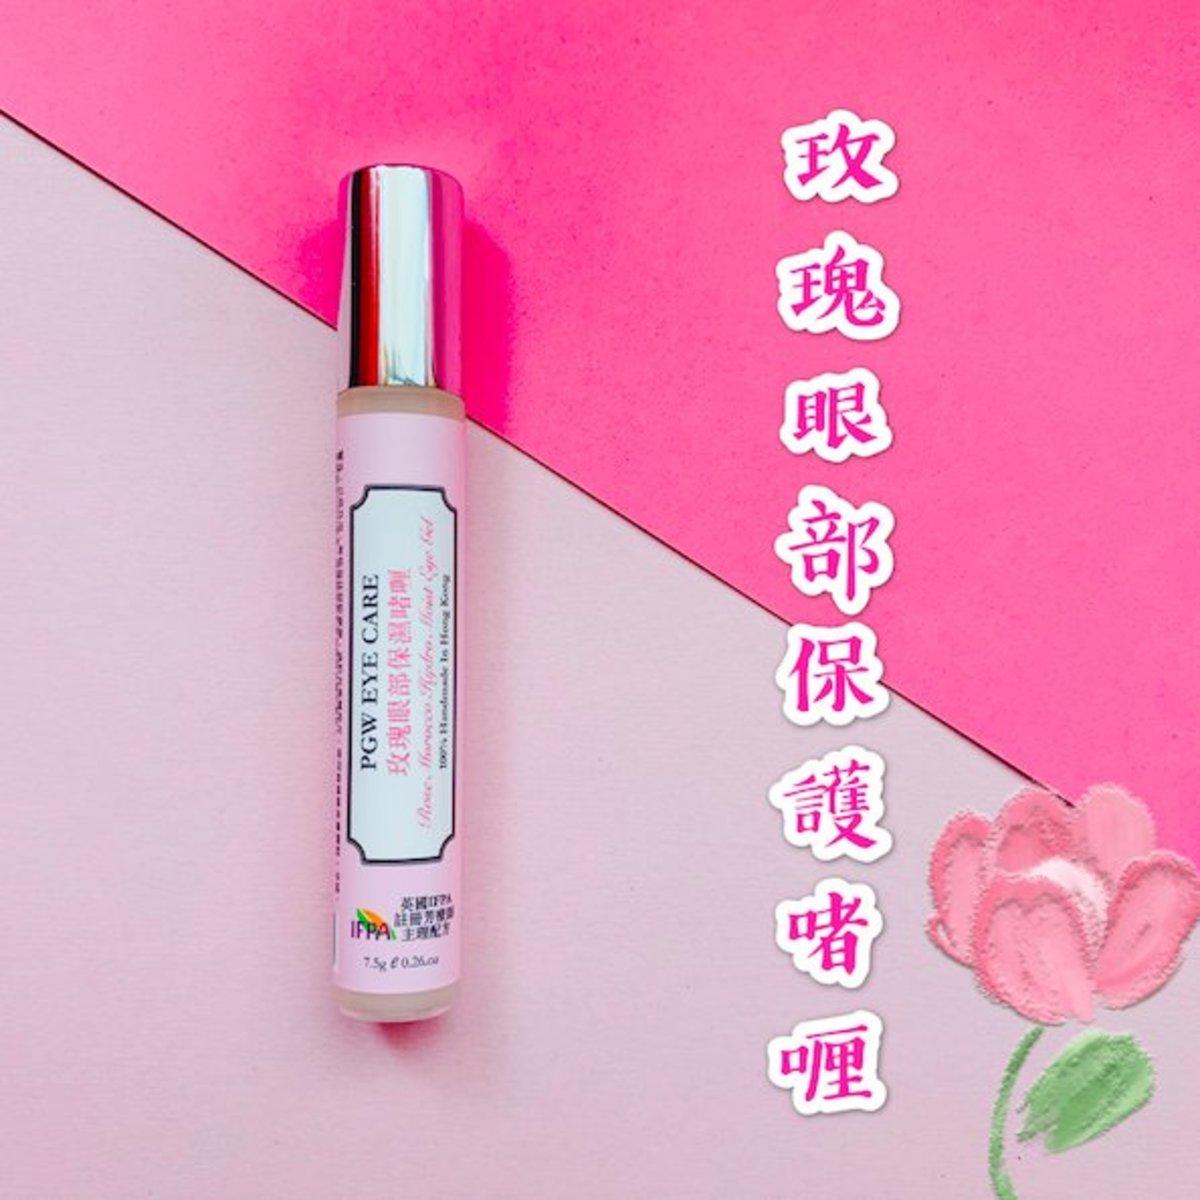 玫瑰眼部保濕啫喱 7.5g (收貨後請放雪櫃保質)